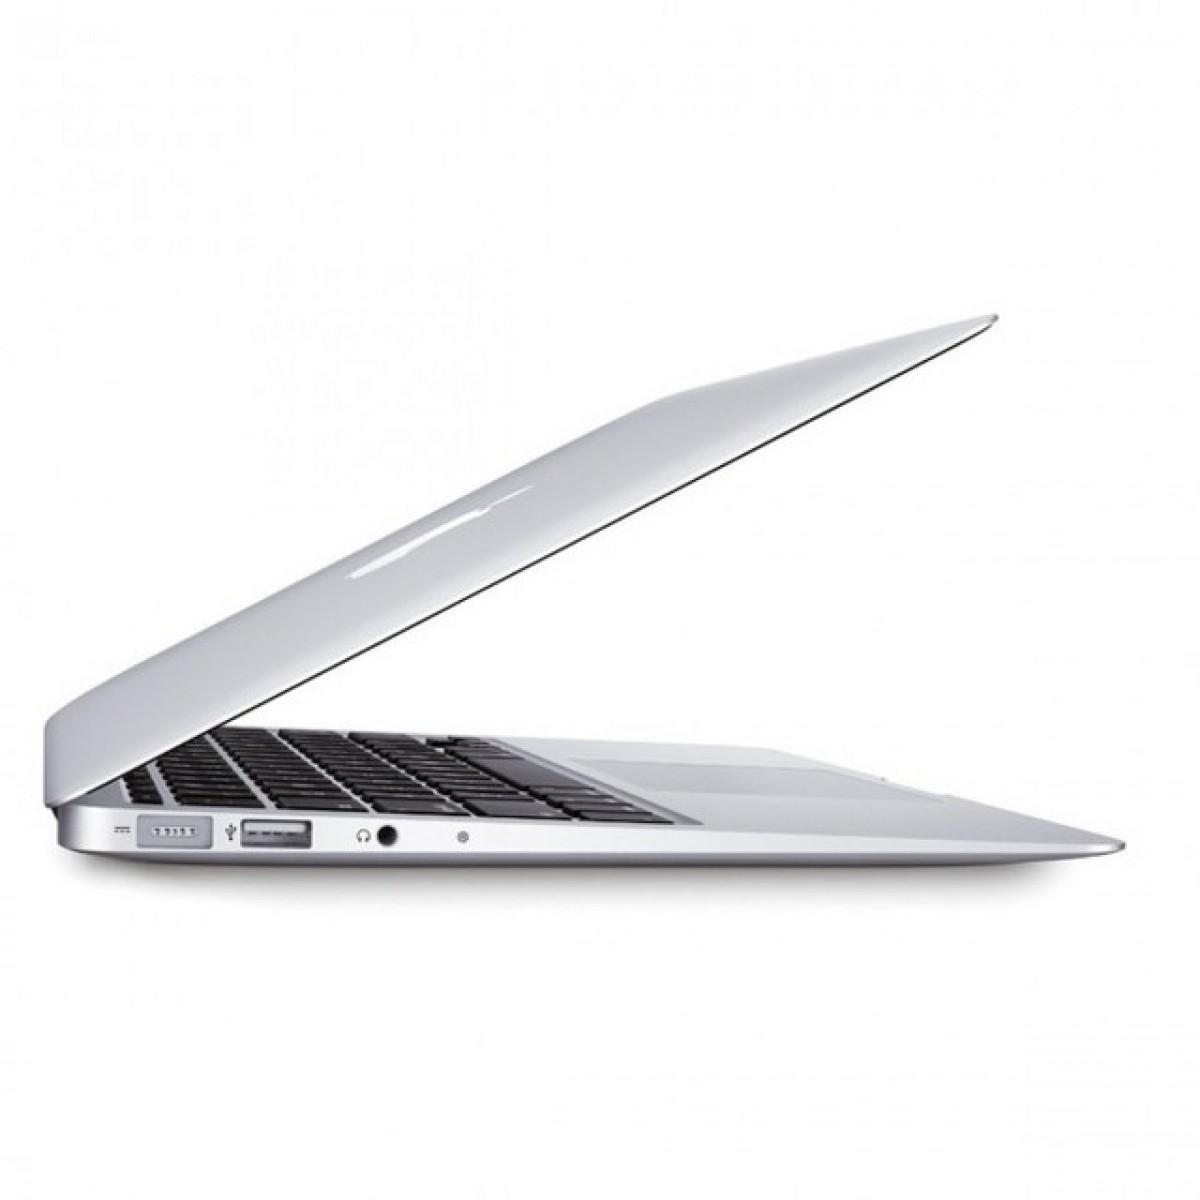 Macbook Air 2015 -11.6 Inch MJVP2 Core I5 4GB 256GB SSD New 99%